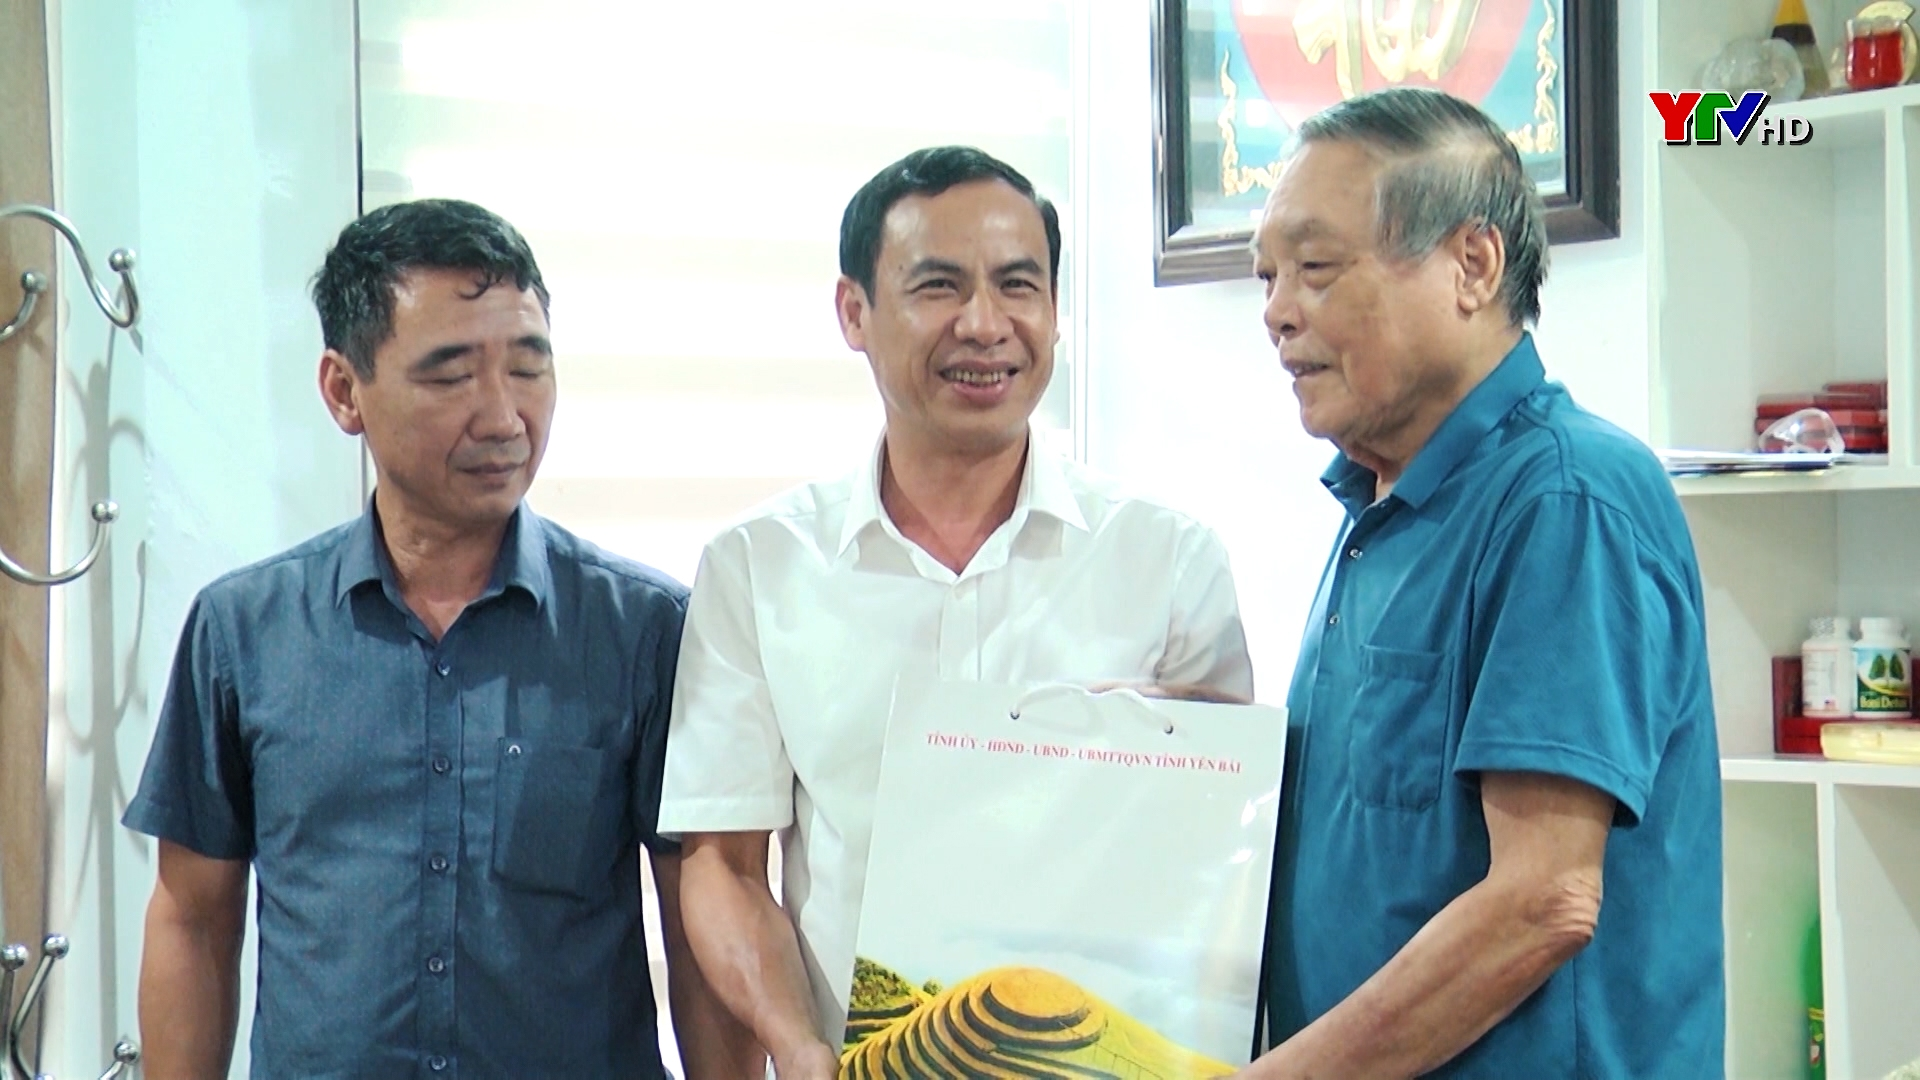 Đồng chí Trưởng Ban Nội chính Tỉnh ủy Lương Văn Thức tặng quà nguyên Trưởng Ban Nội chính Tỉnh ủy